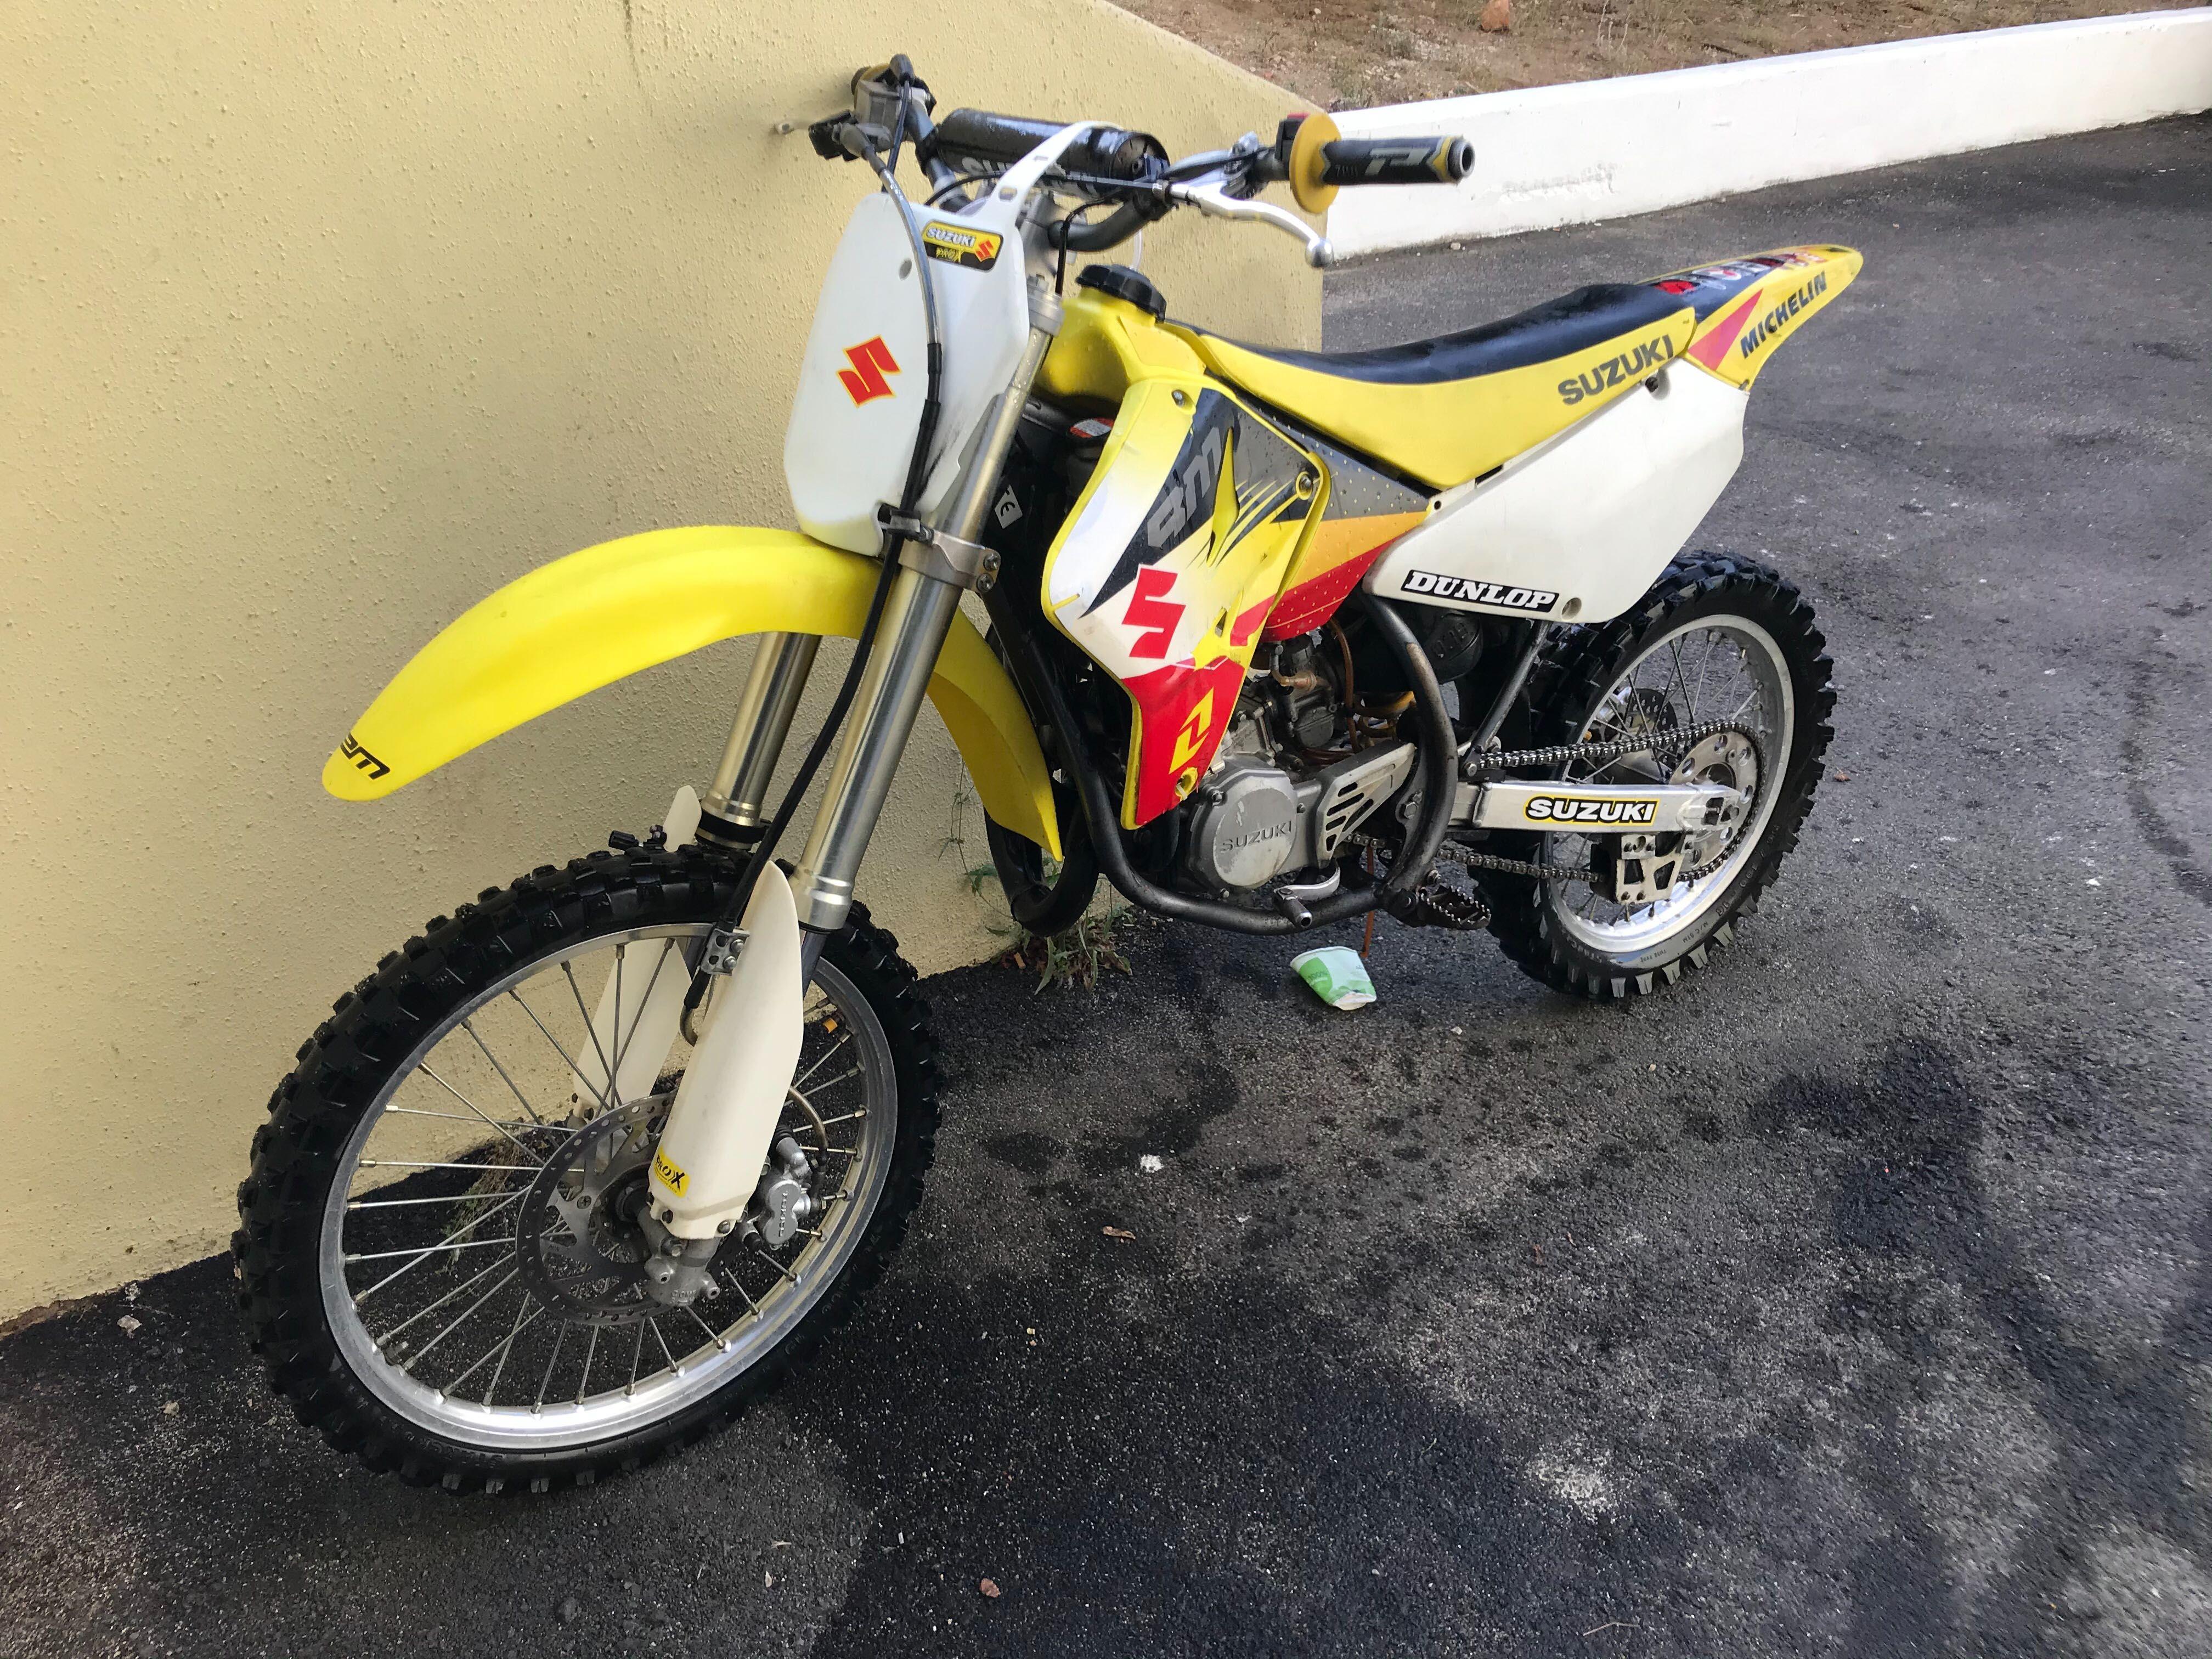 Suzuki Rm 85 impecavel